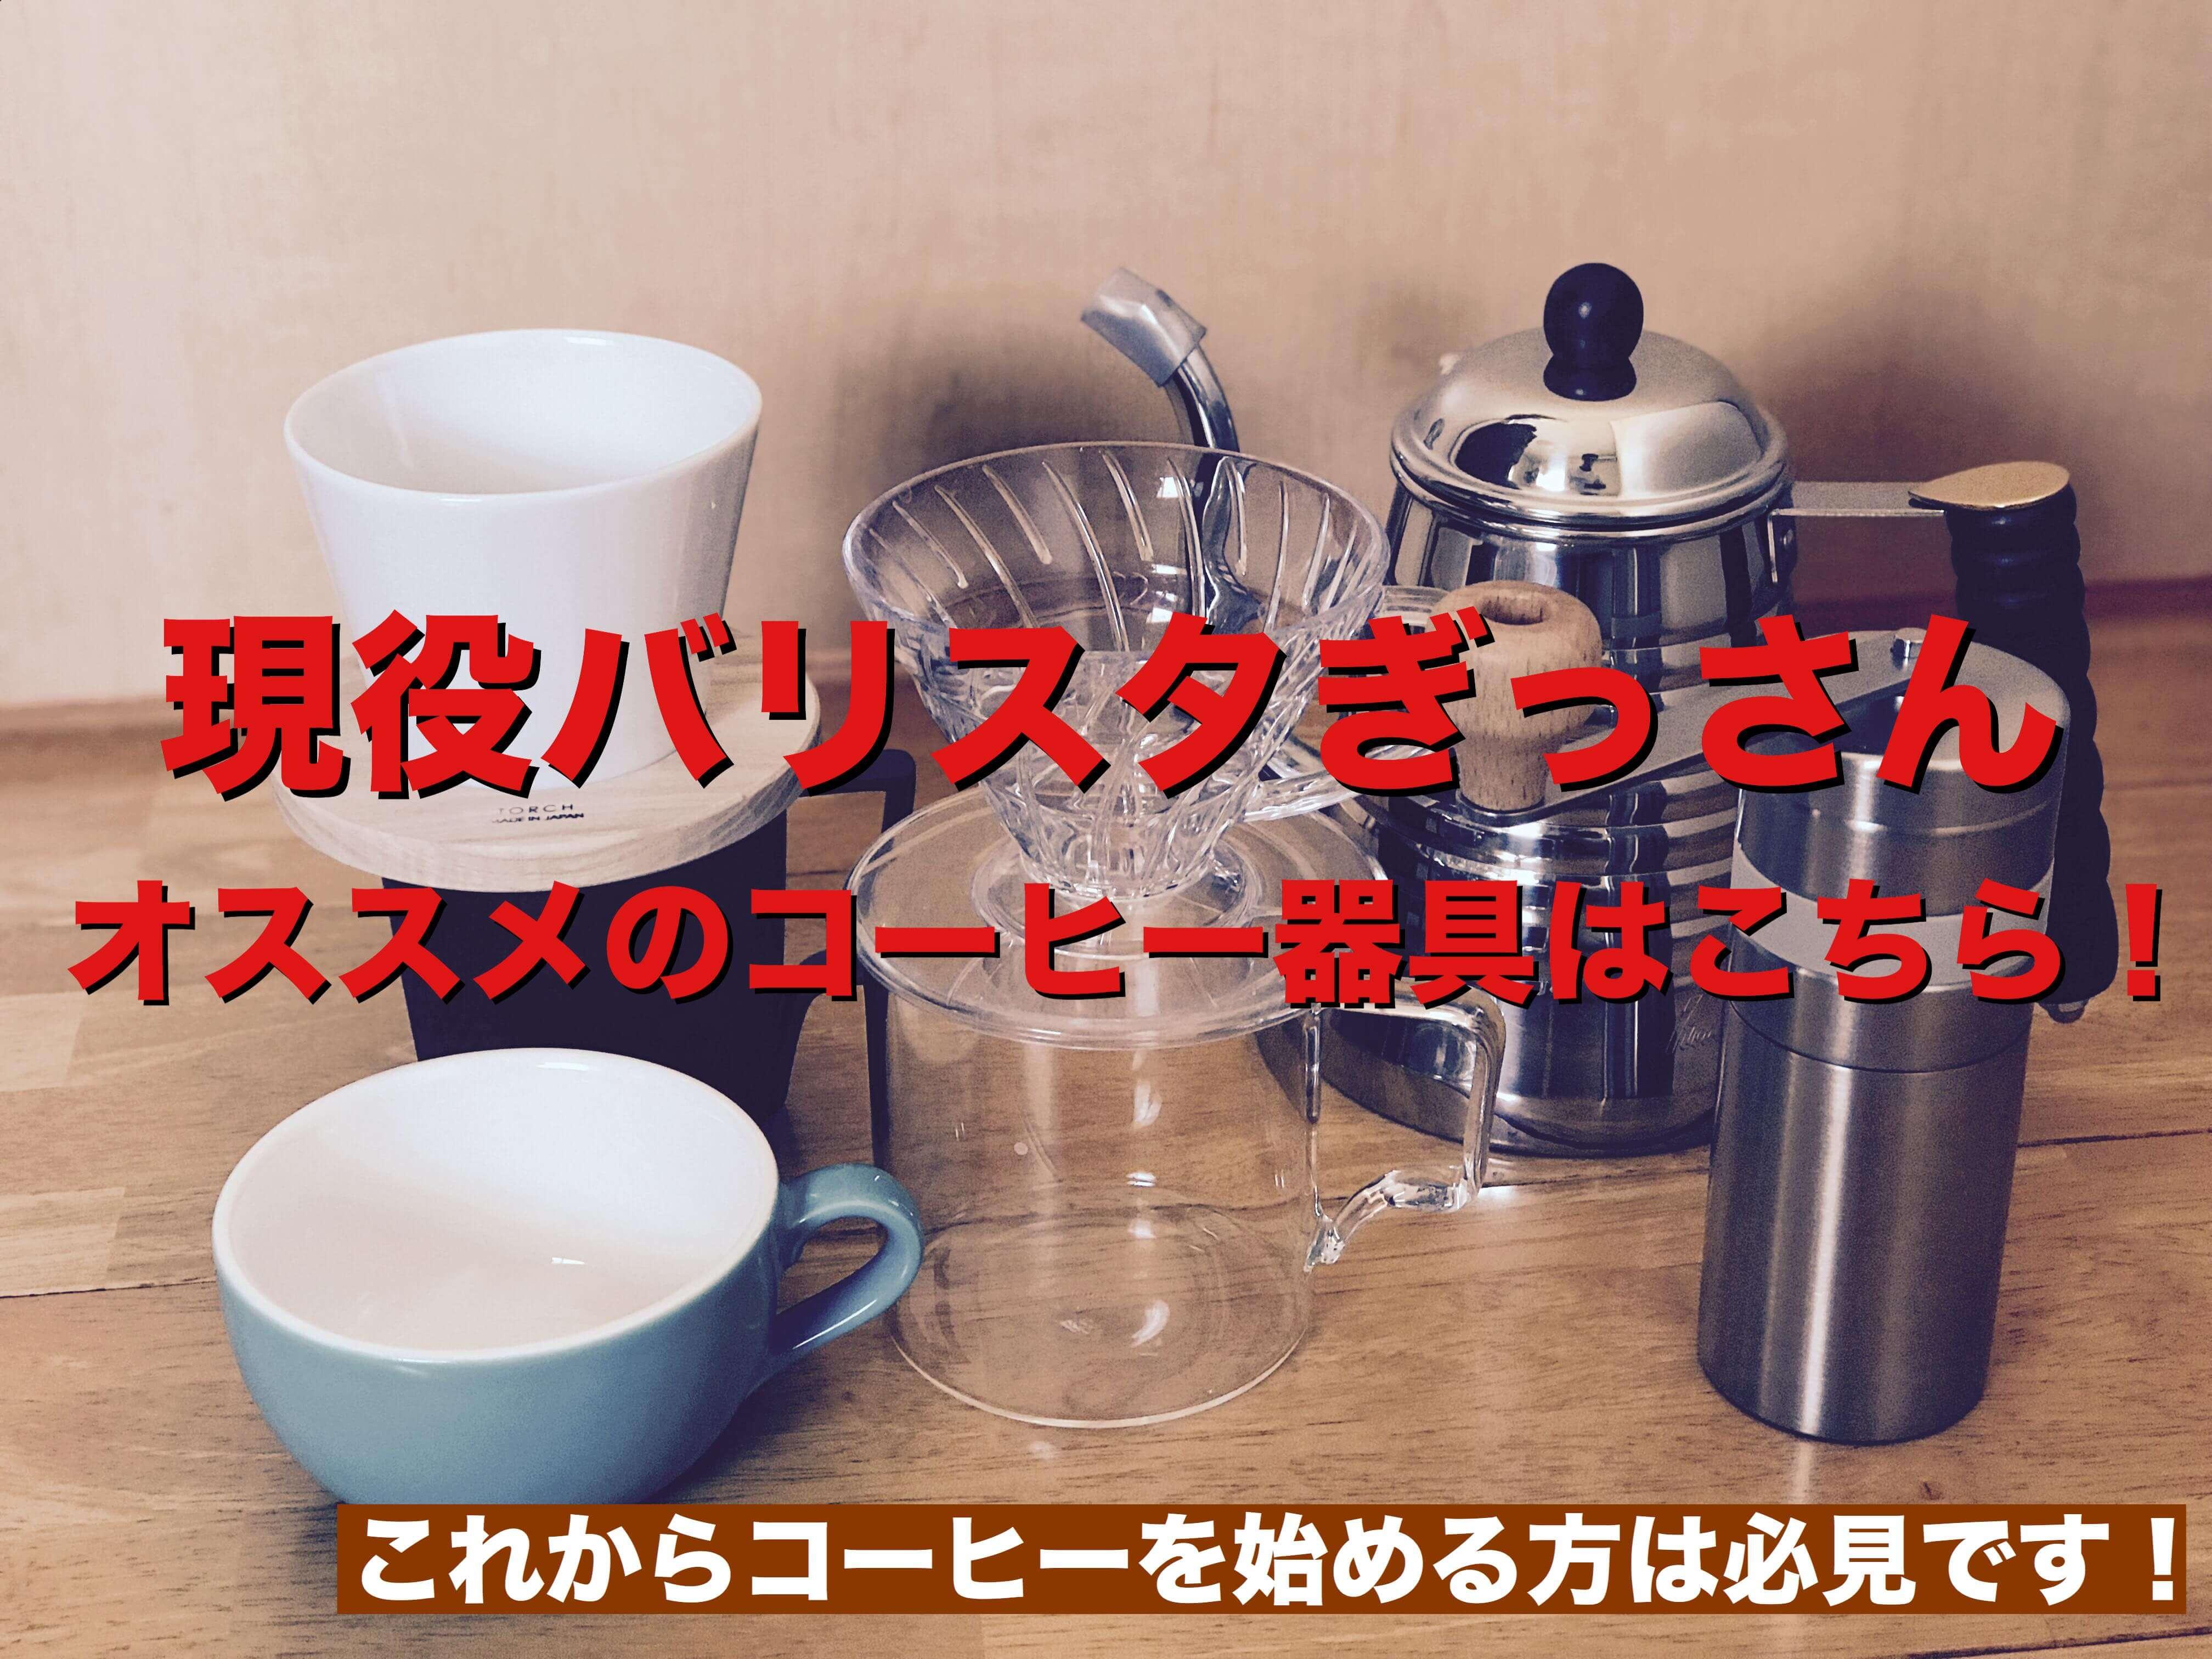 現役バリスタがオススメ!コーヒー器具を紹介します。